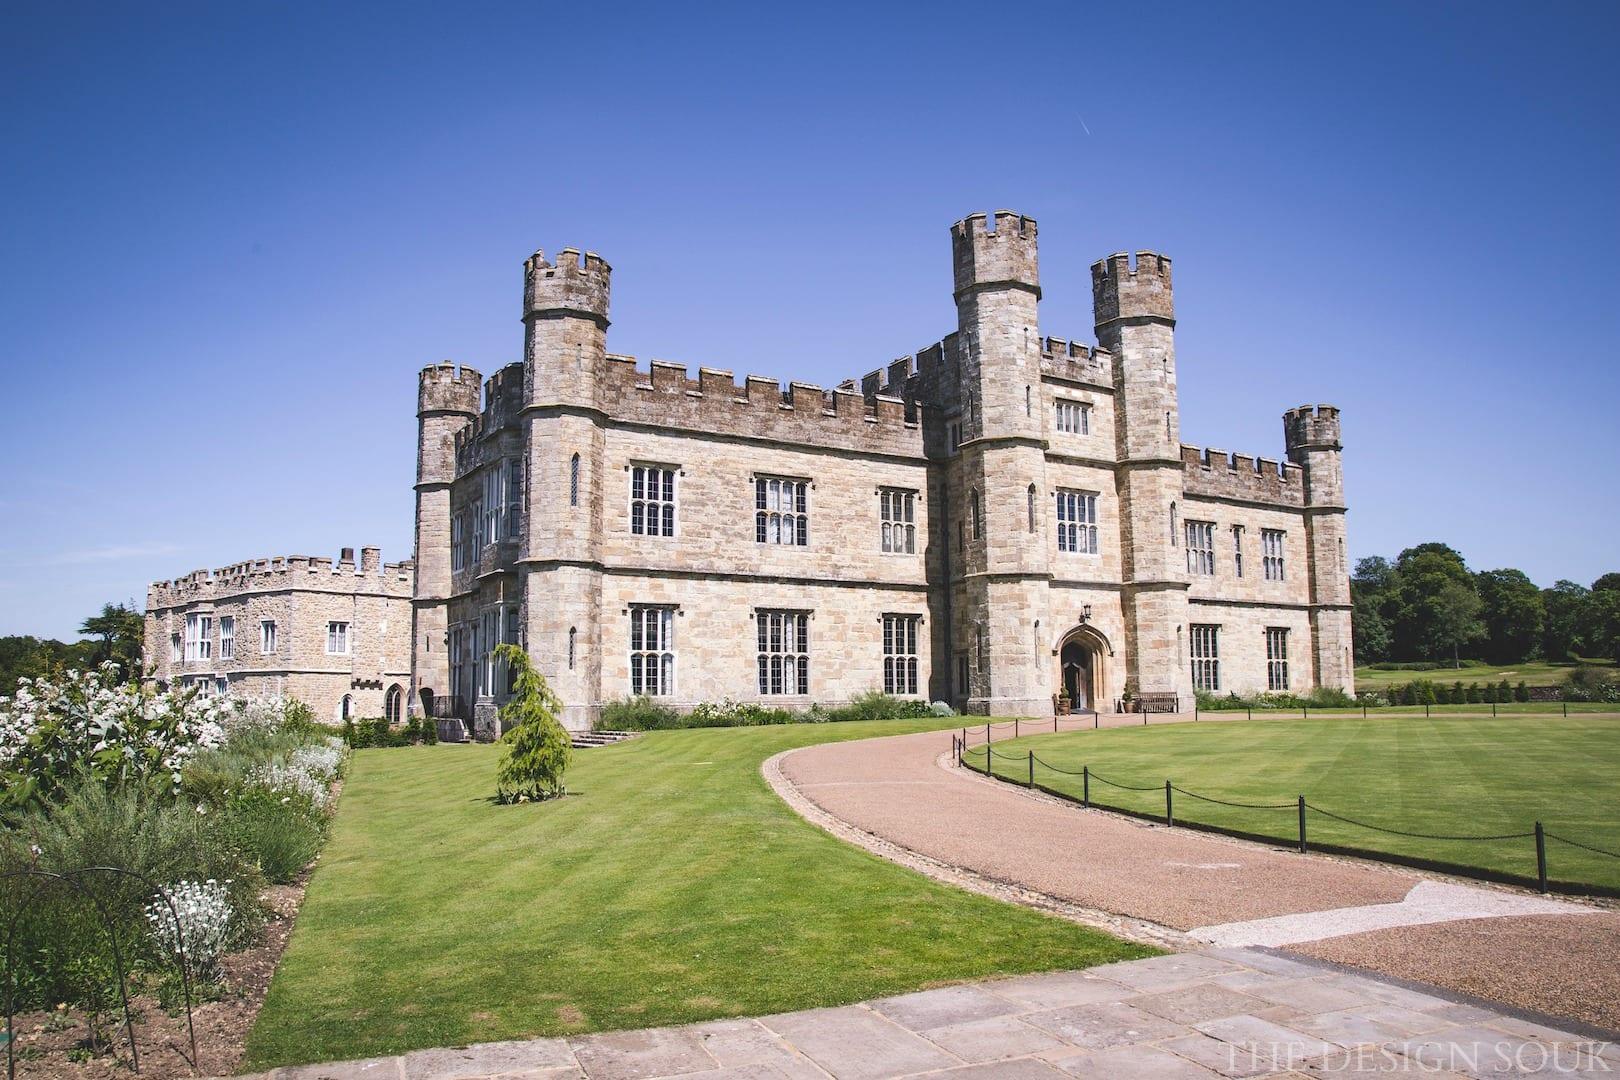 The castles of kent leeds castle the design souk an for Castle design